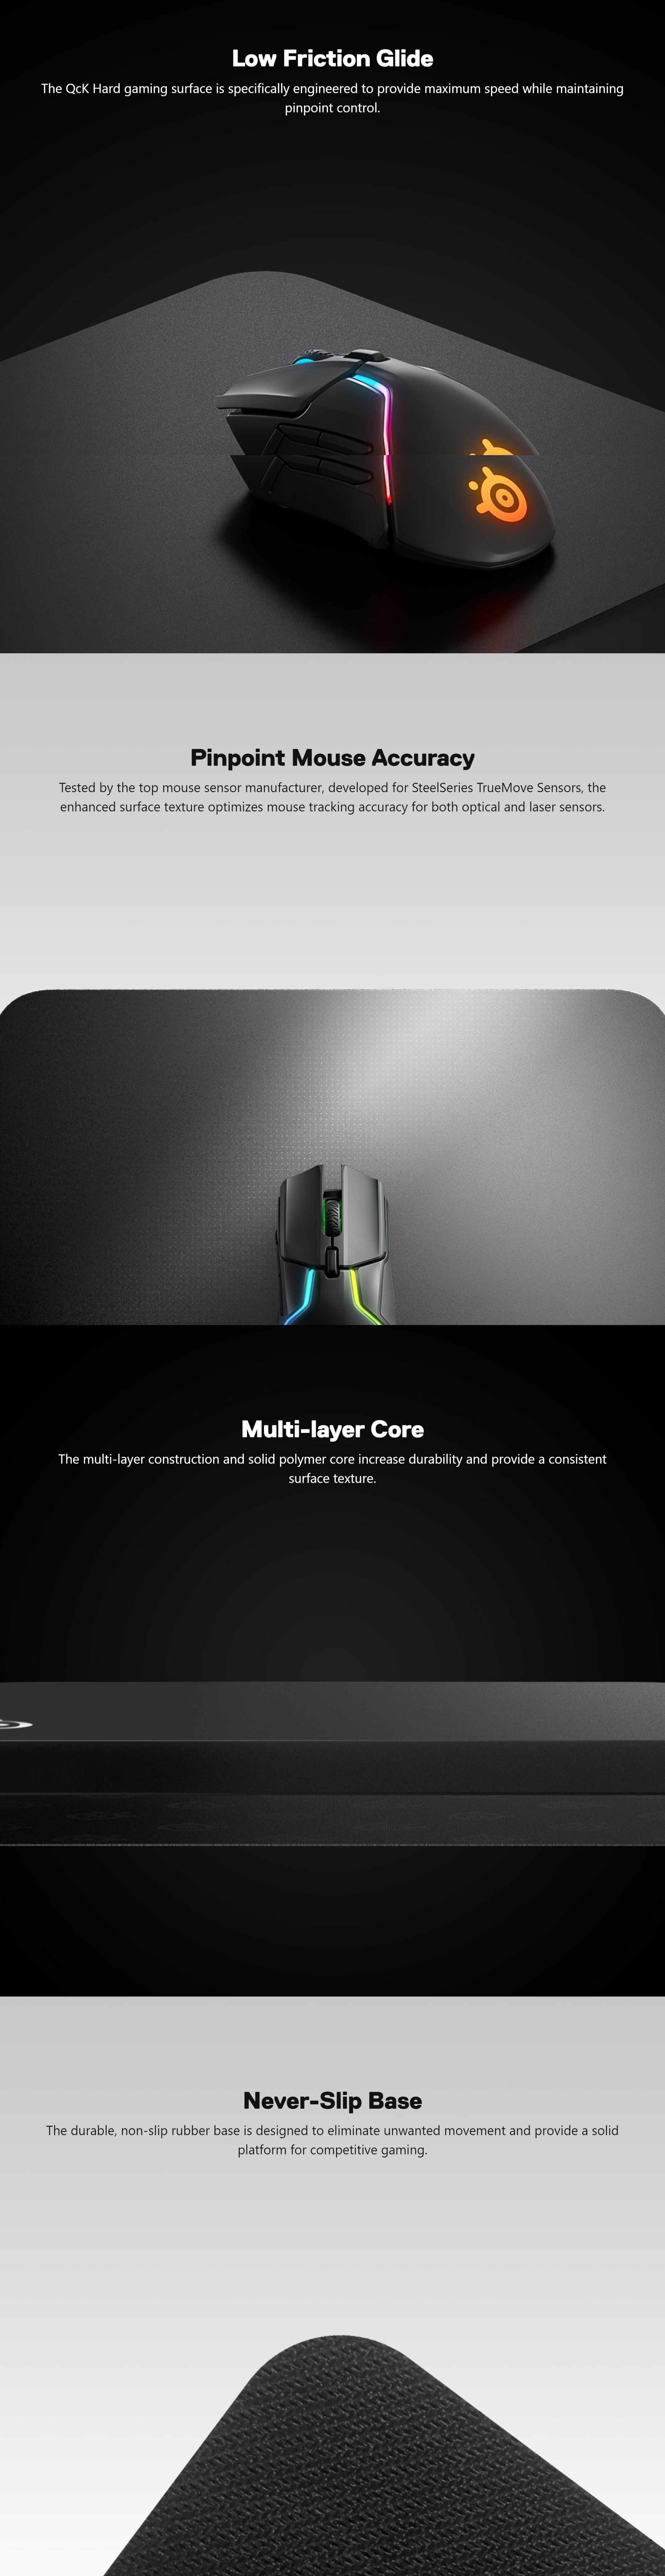 screencapture-steelseries-gaming-mousepads-qck-hard-2019-12-27-10_44_26.jpg